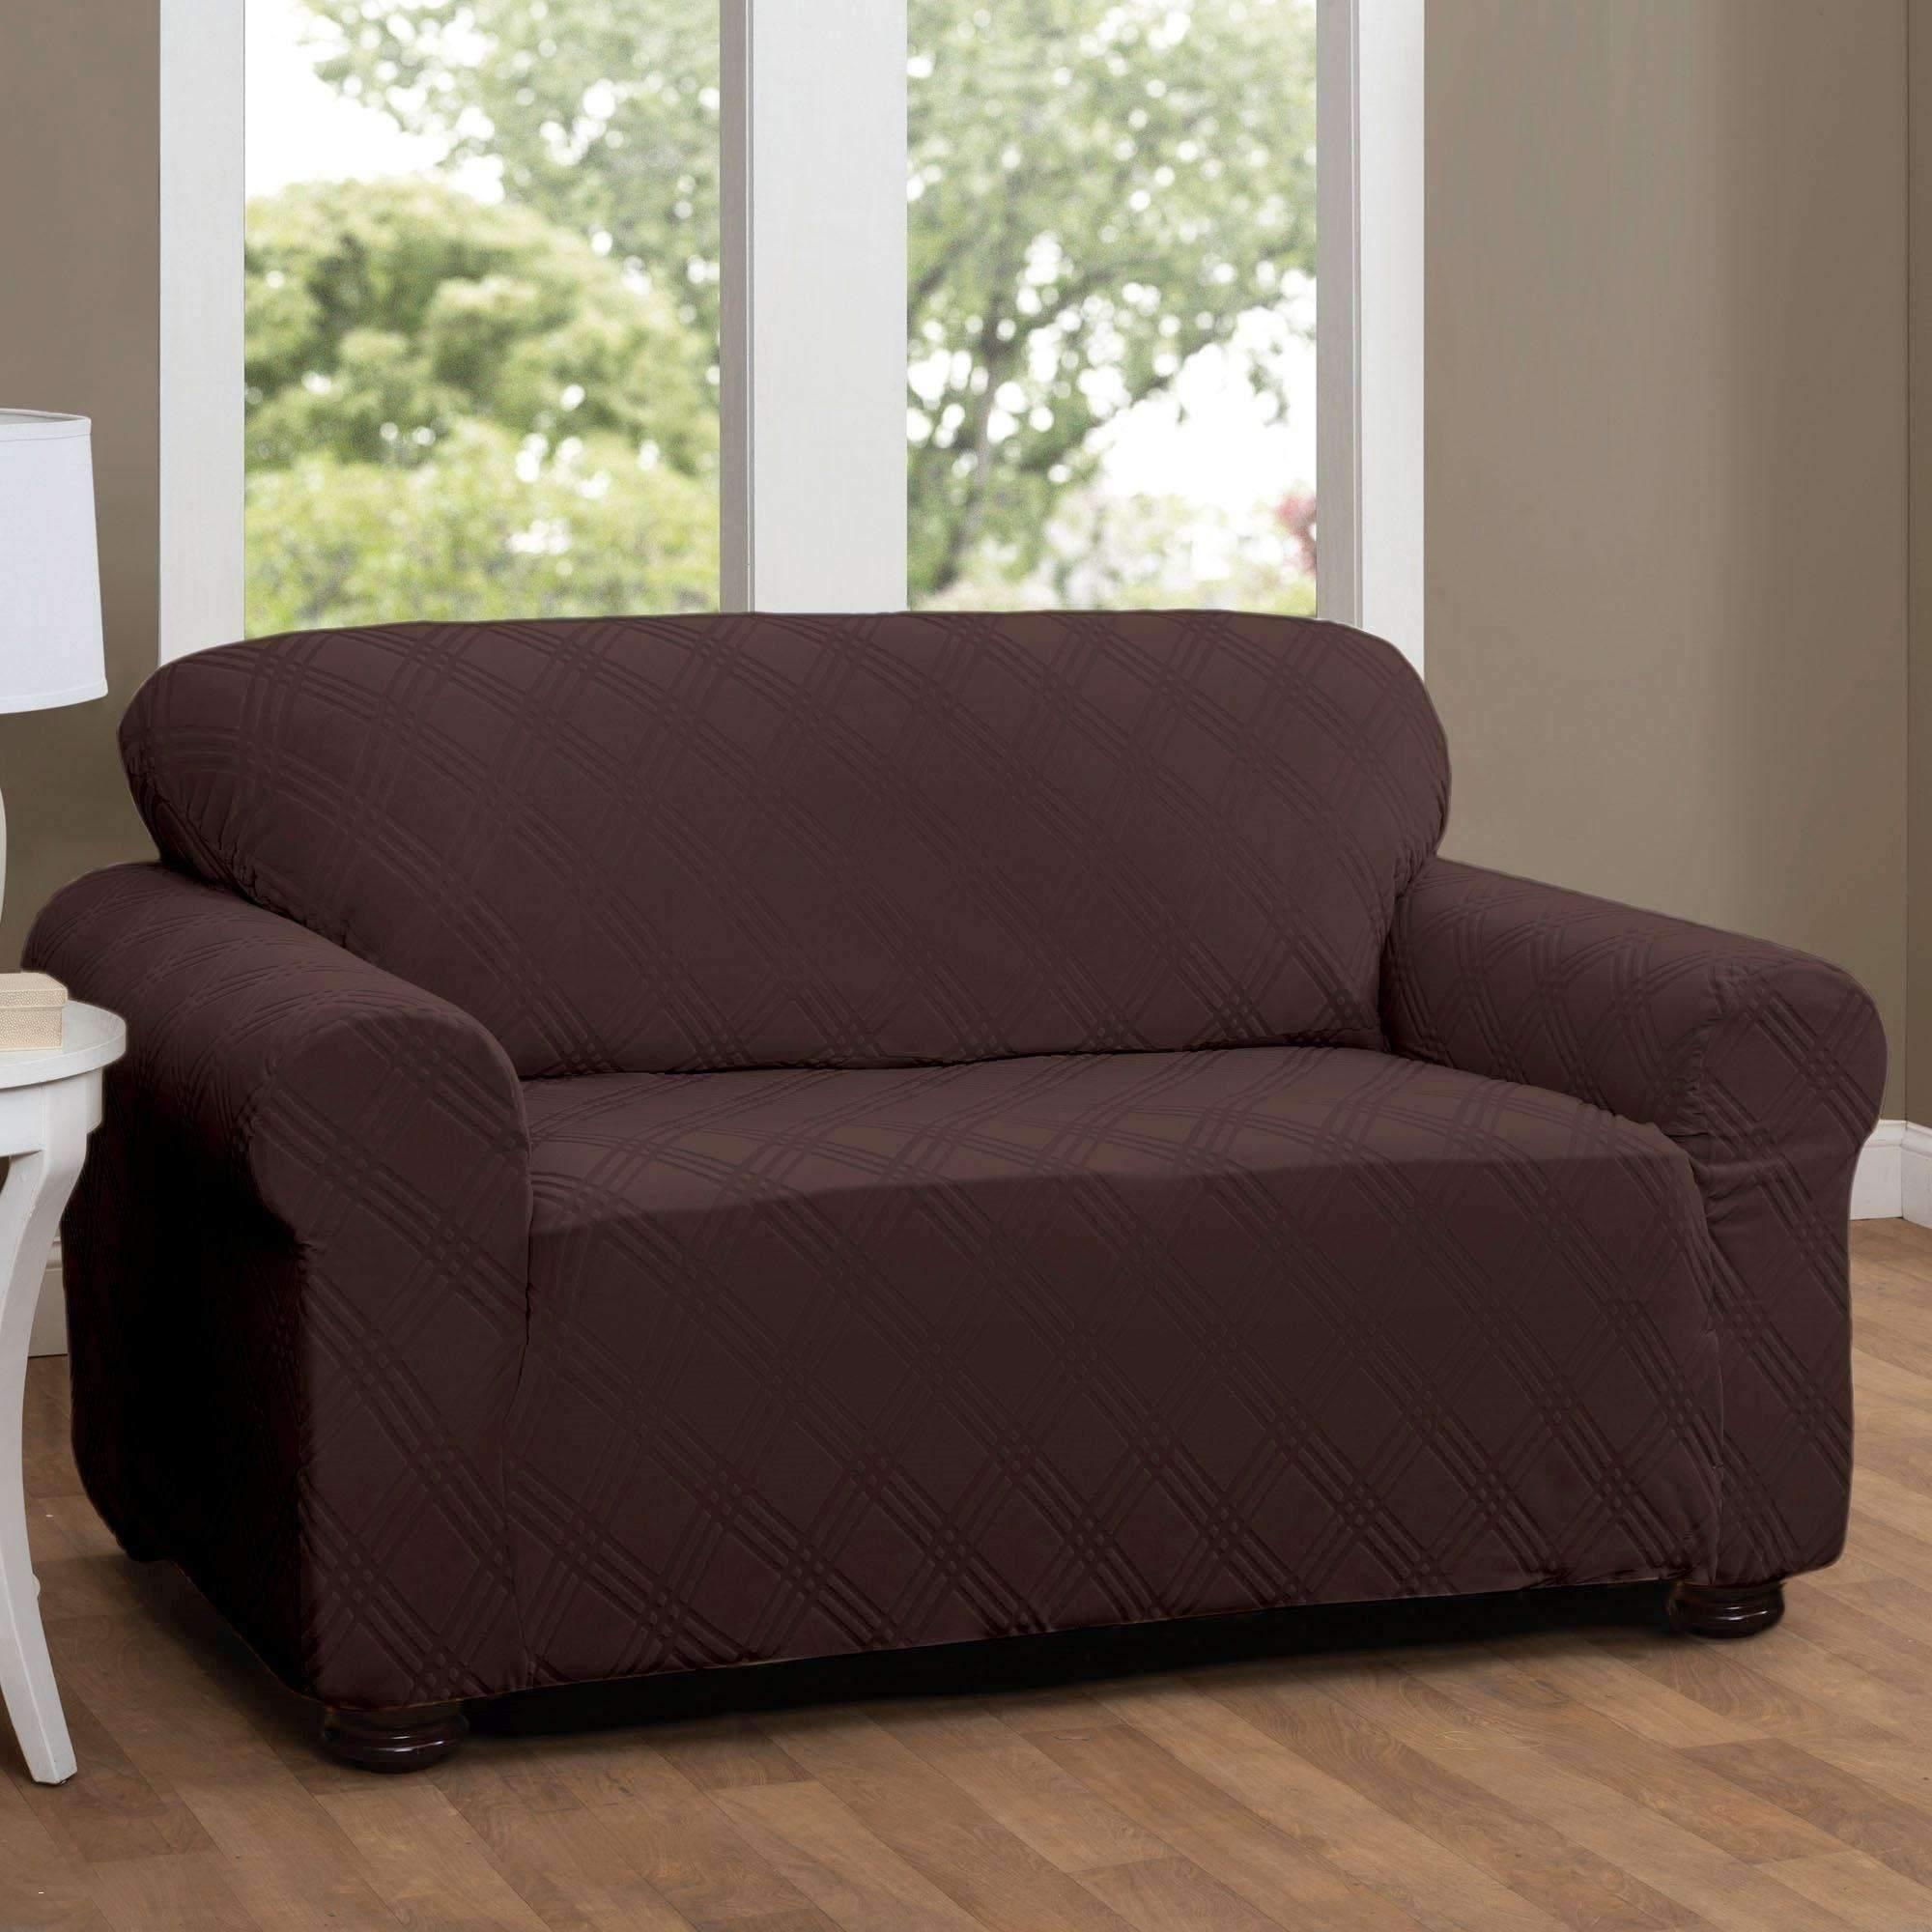 relaxliege wohnzimmer luxus wohnzimmer liege design das beste se jahre of relaxliege wohnzimmer